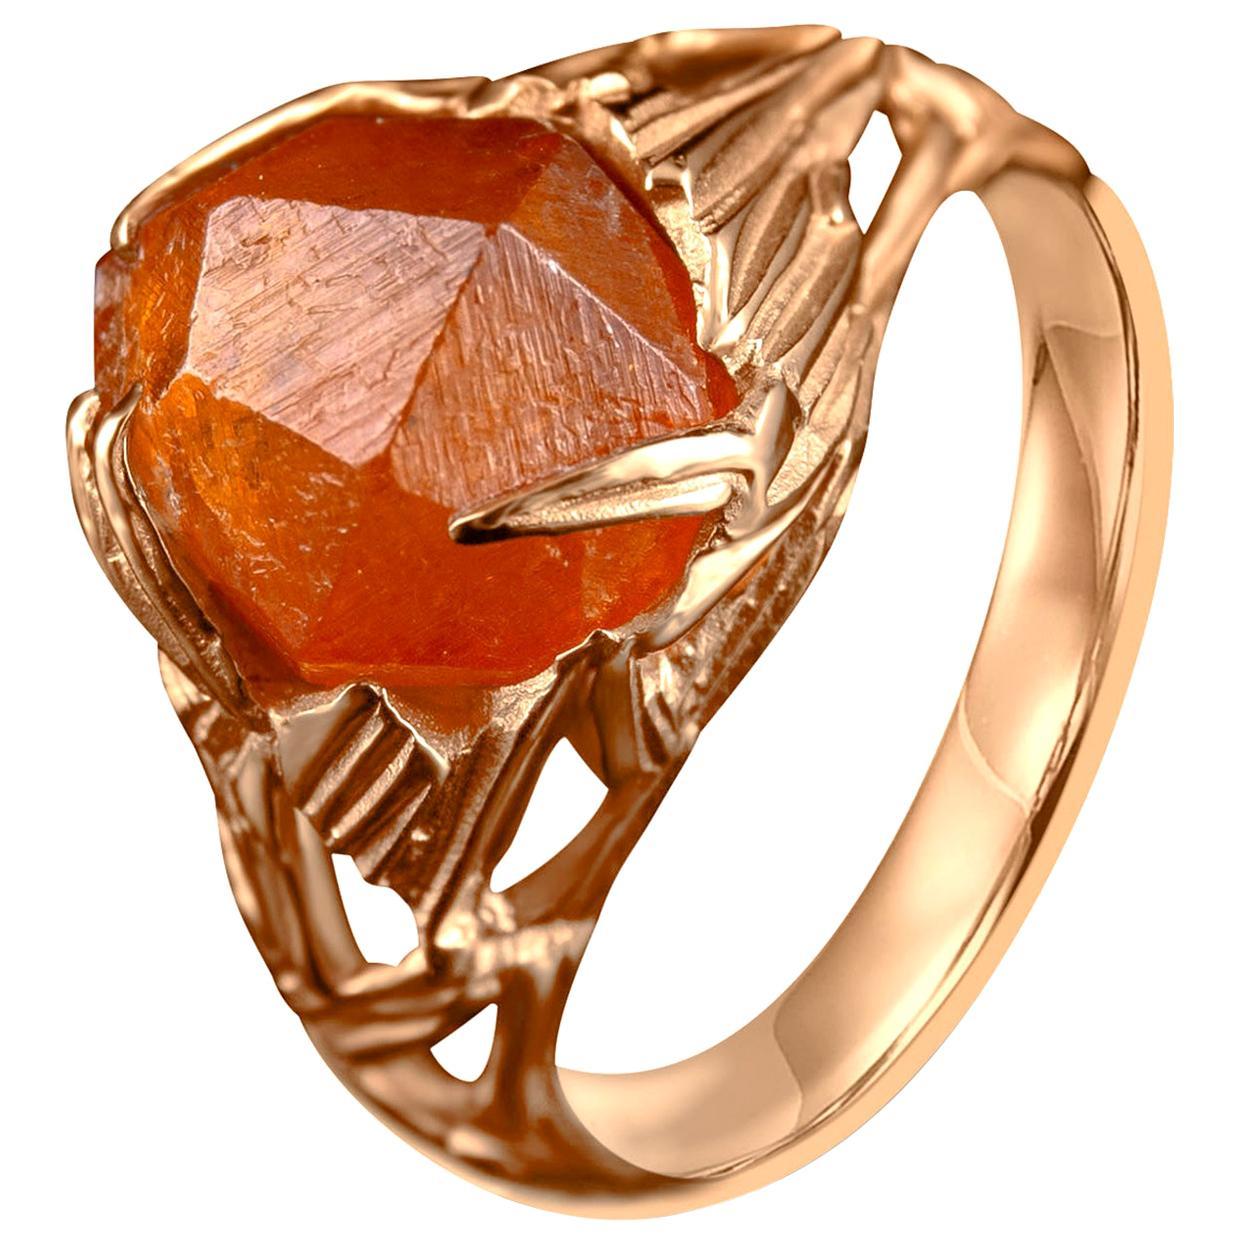 Garnet Ring Gold Raw Crystal 14K Mens Unisex Ring Spessartine Christmas Gift Art